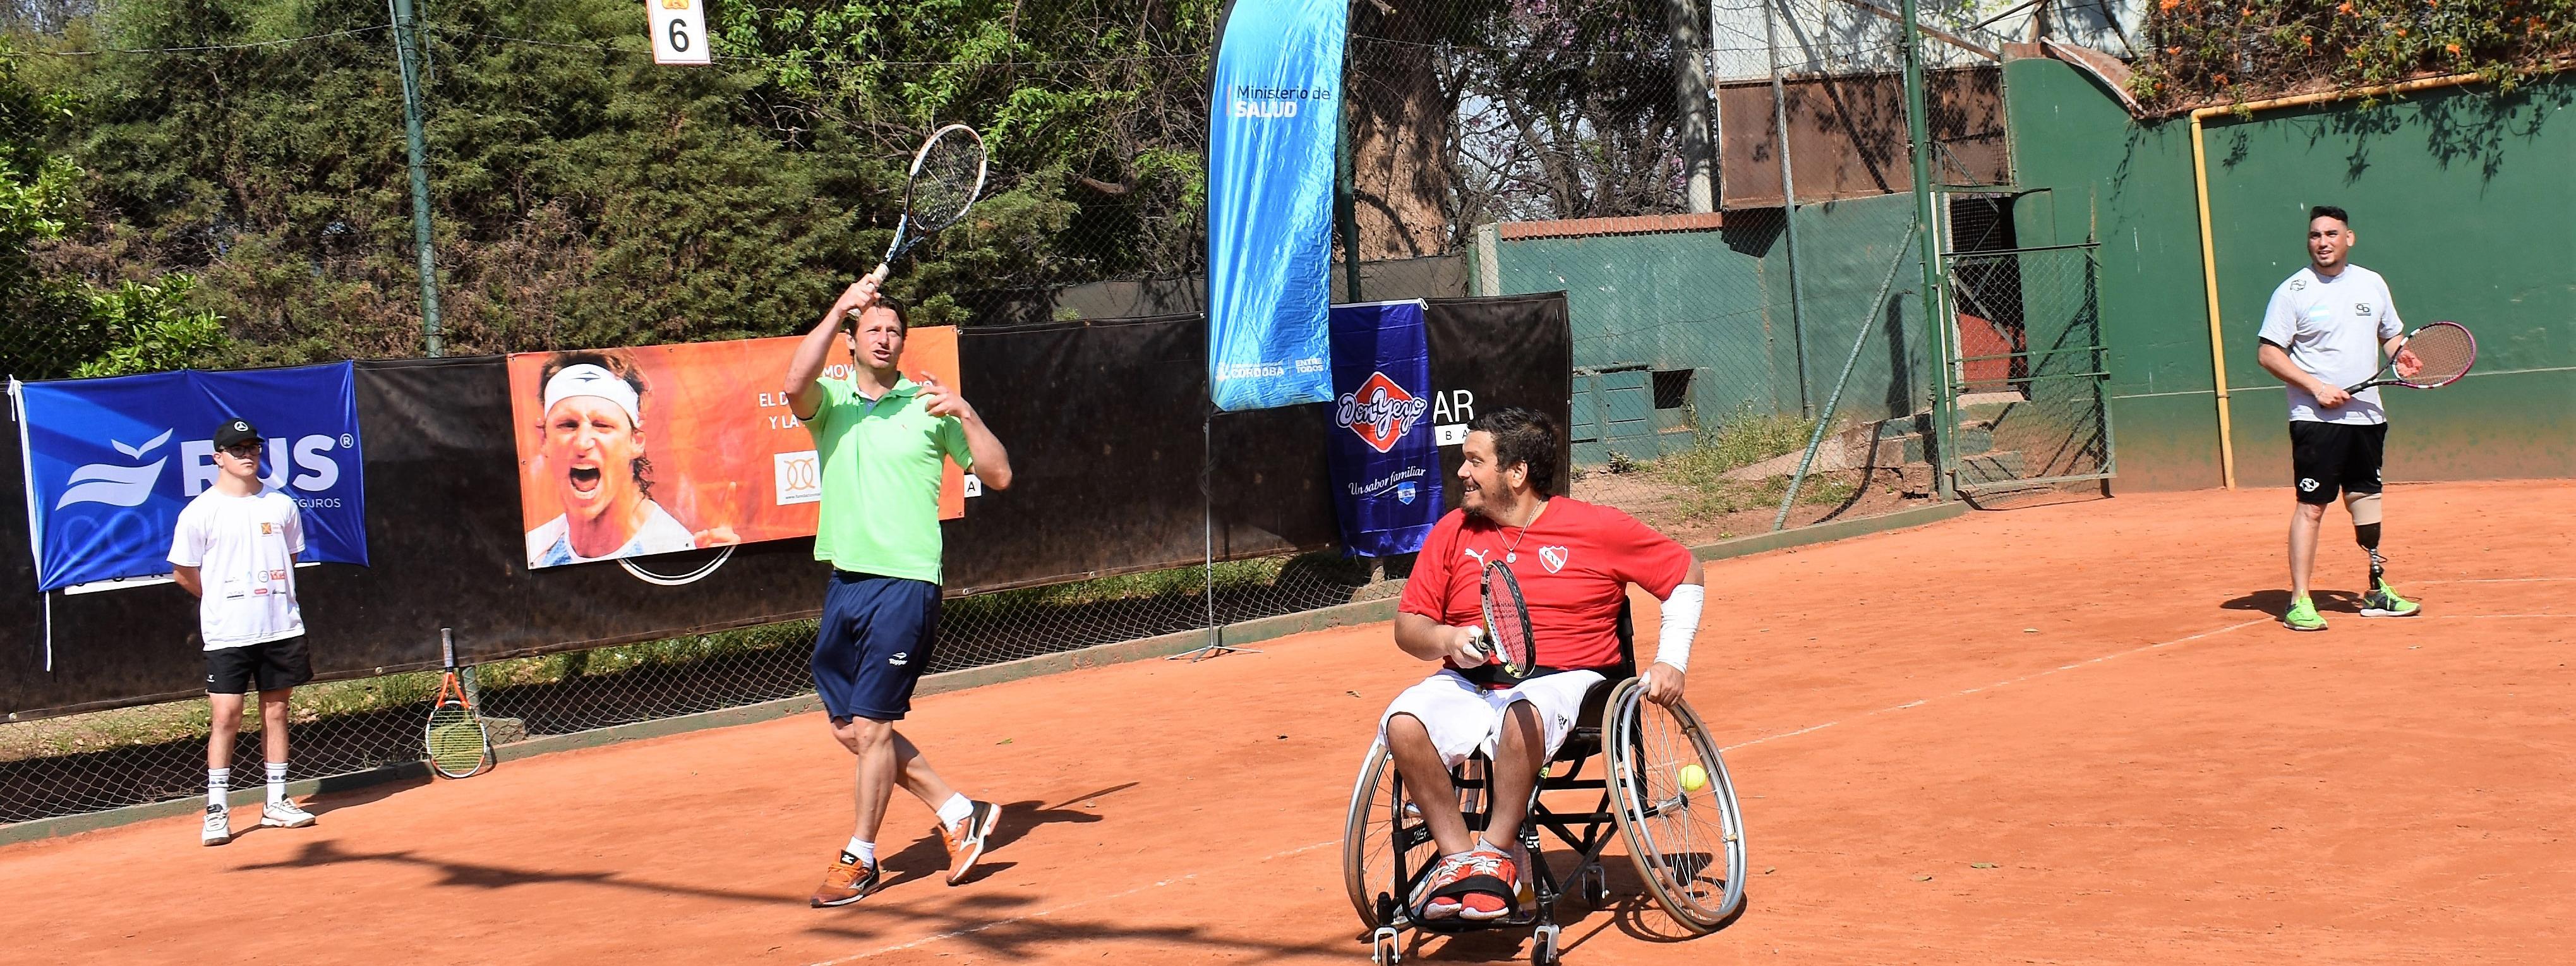 El perfil solidario y comprometido del Córdoba Lawn a través del tenis